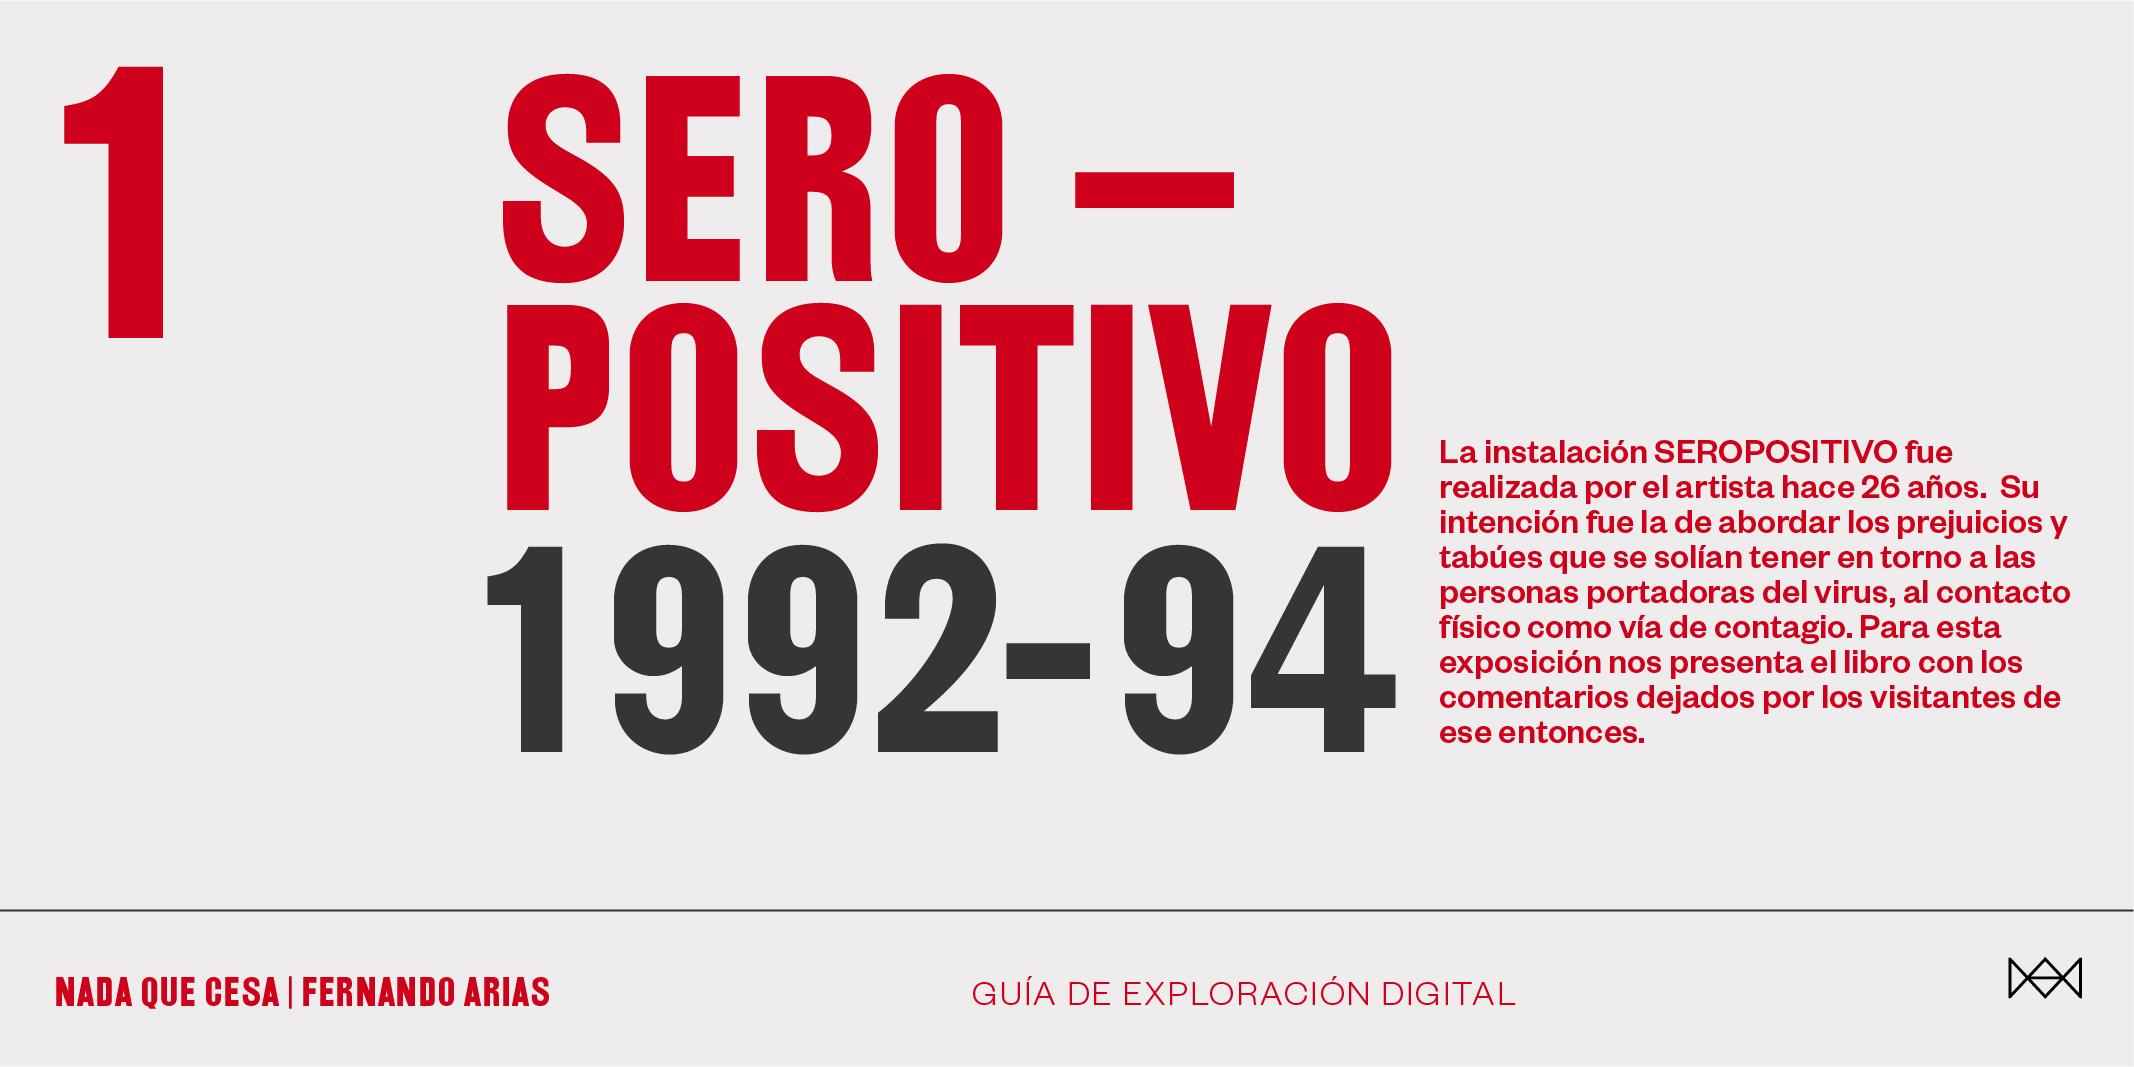 Seropositivo (1992-94).